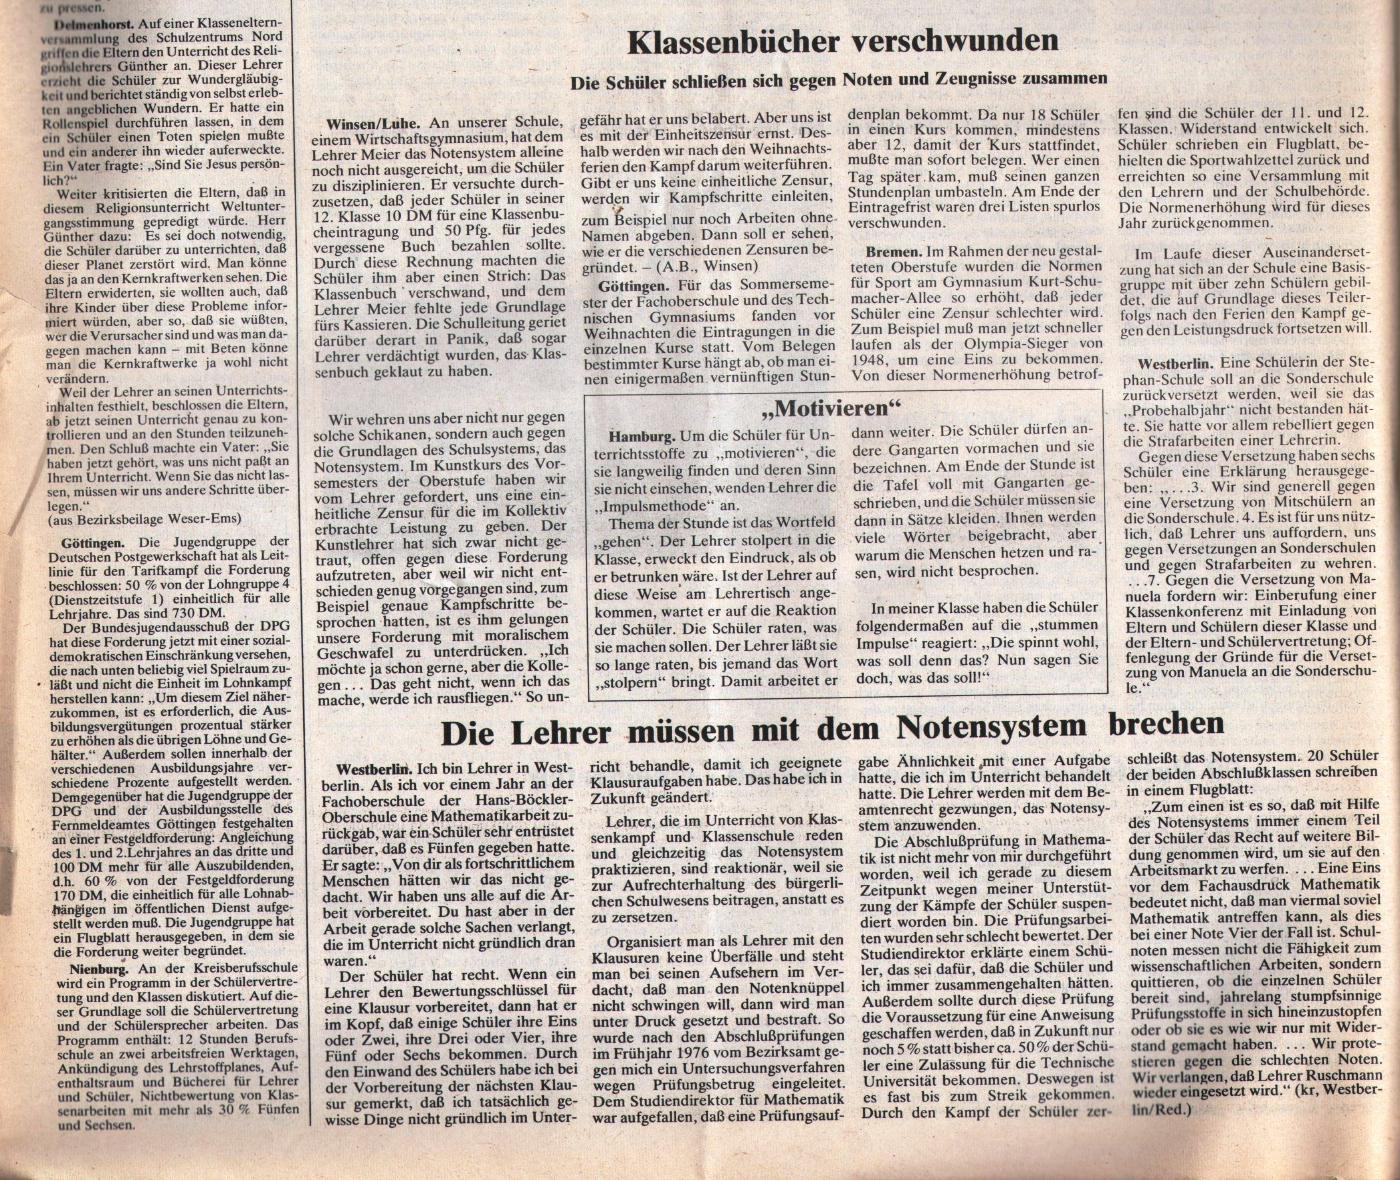 KVZ_Nord_1977_02_16